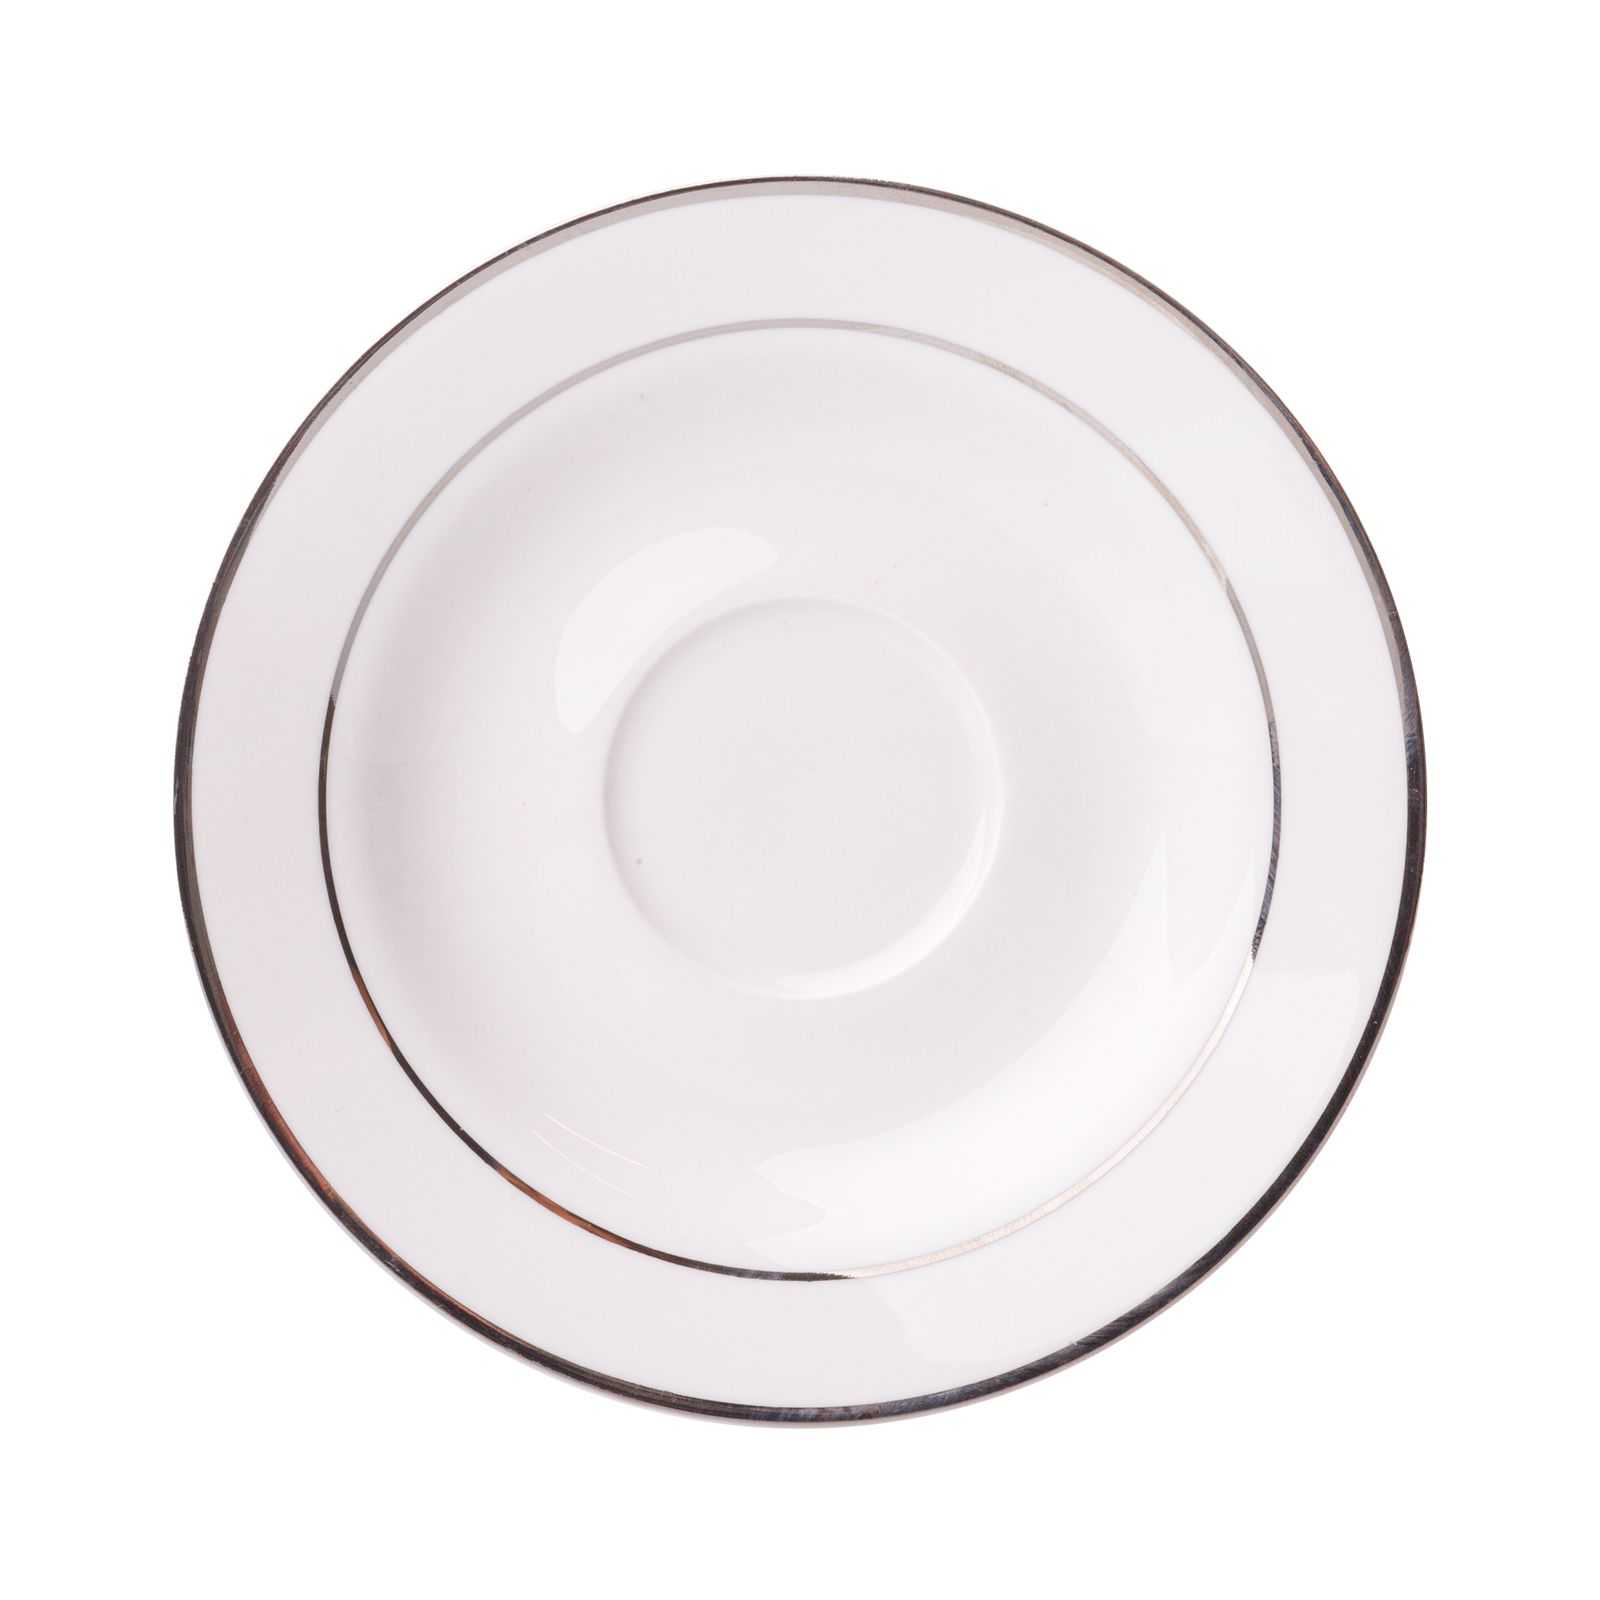 Spodek Aura Silver 12,5 cm AMBITION